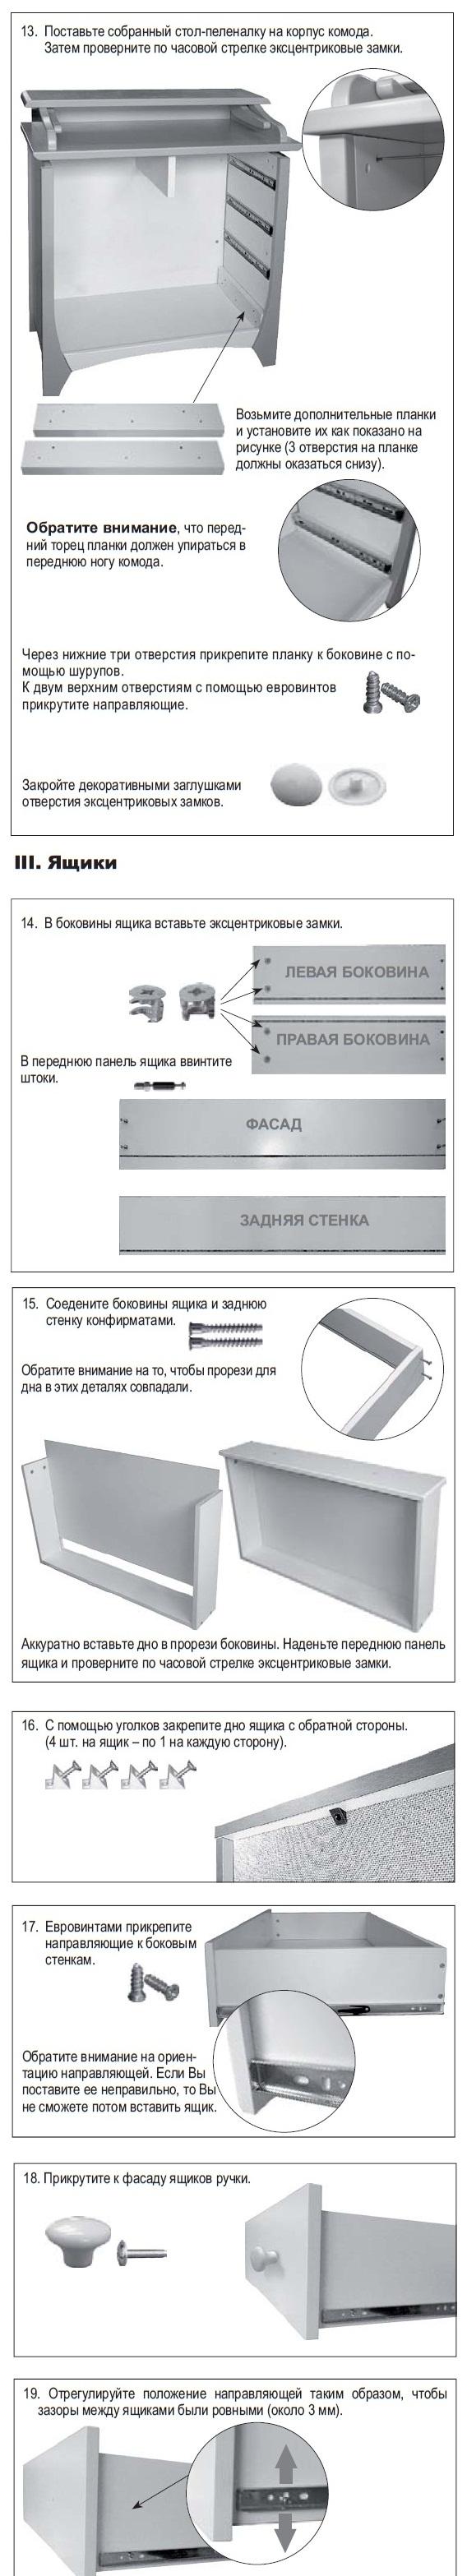 Схема по сборке пеленального комода Papaloni 3